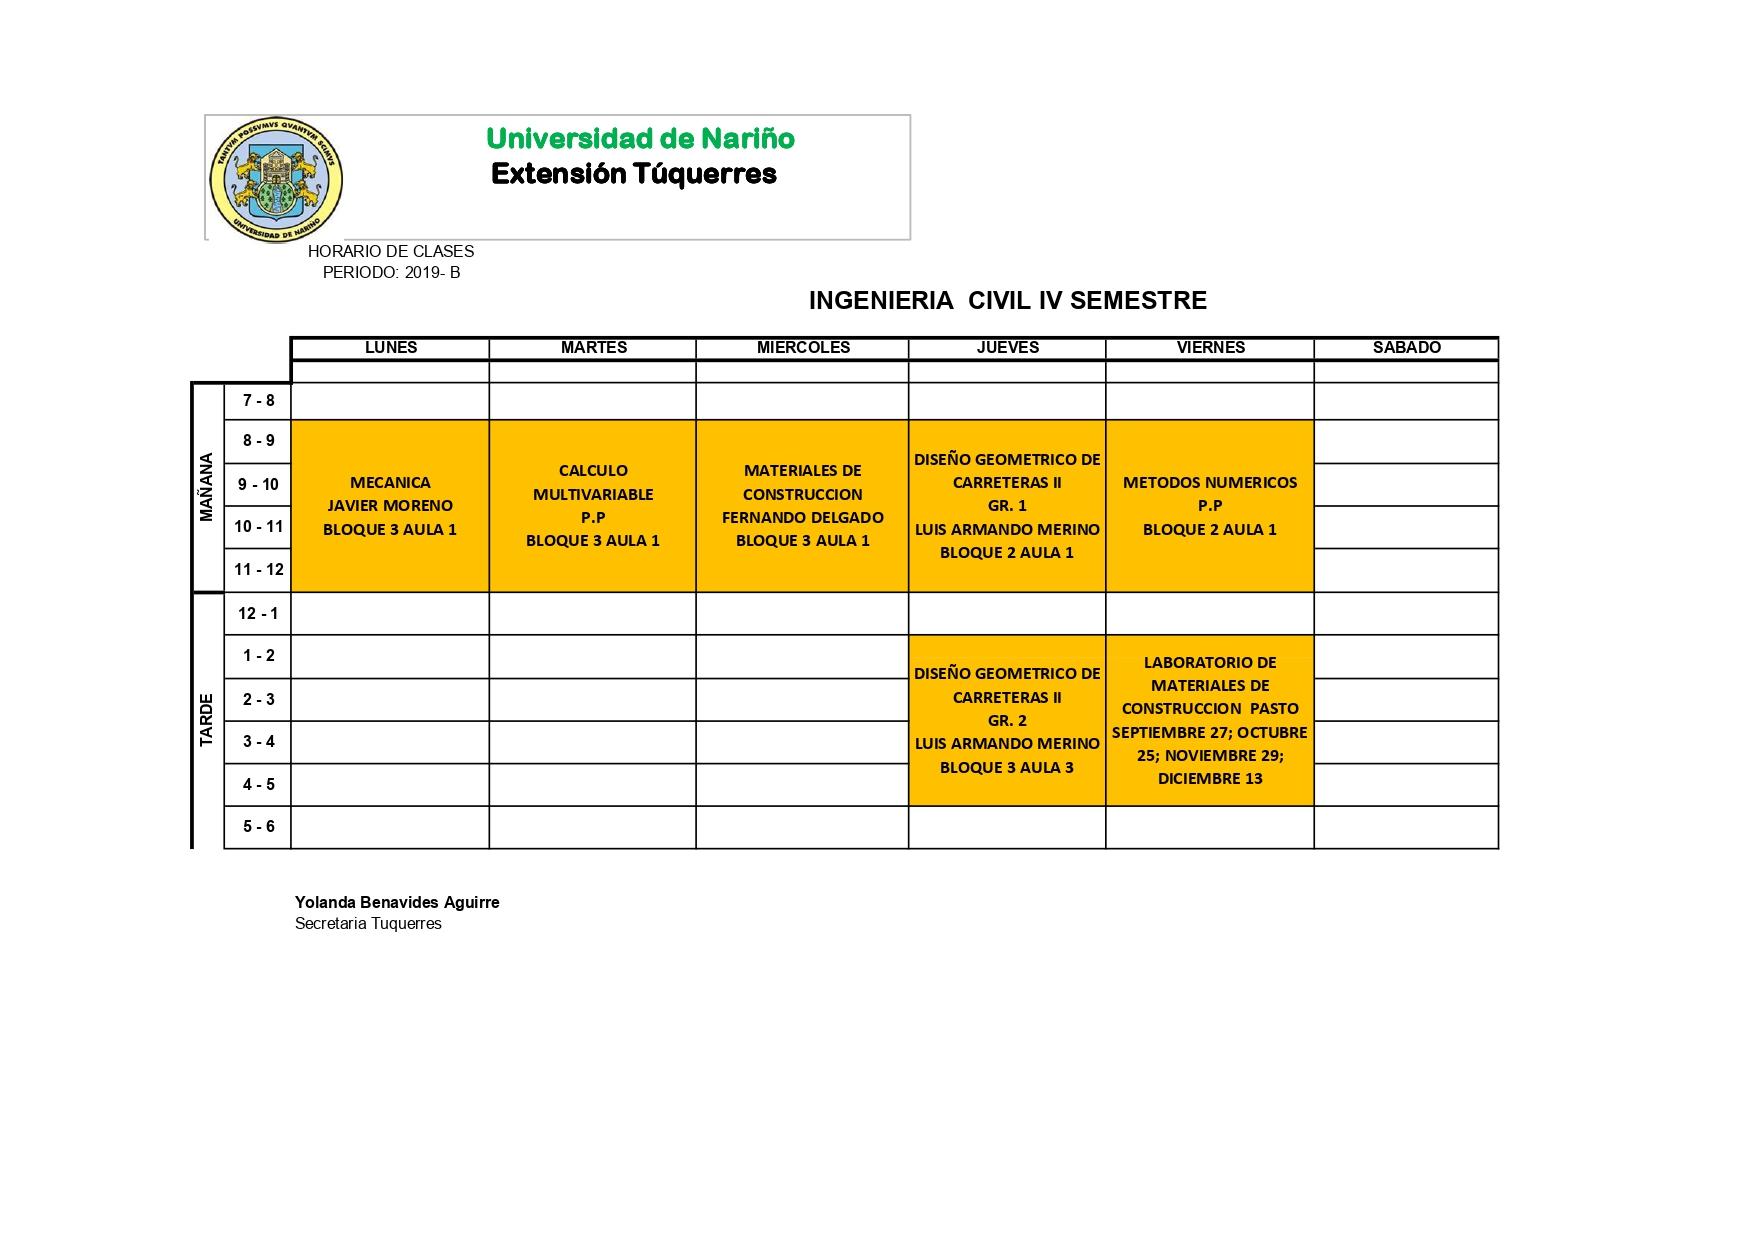 Proyecccion Horarios B - 2019 CIVIL IV SEMESTRE_page-0001